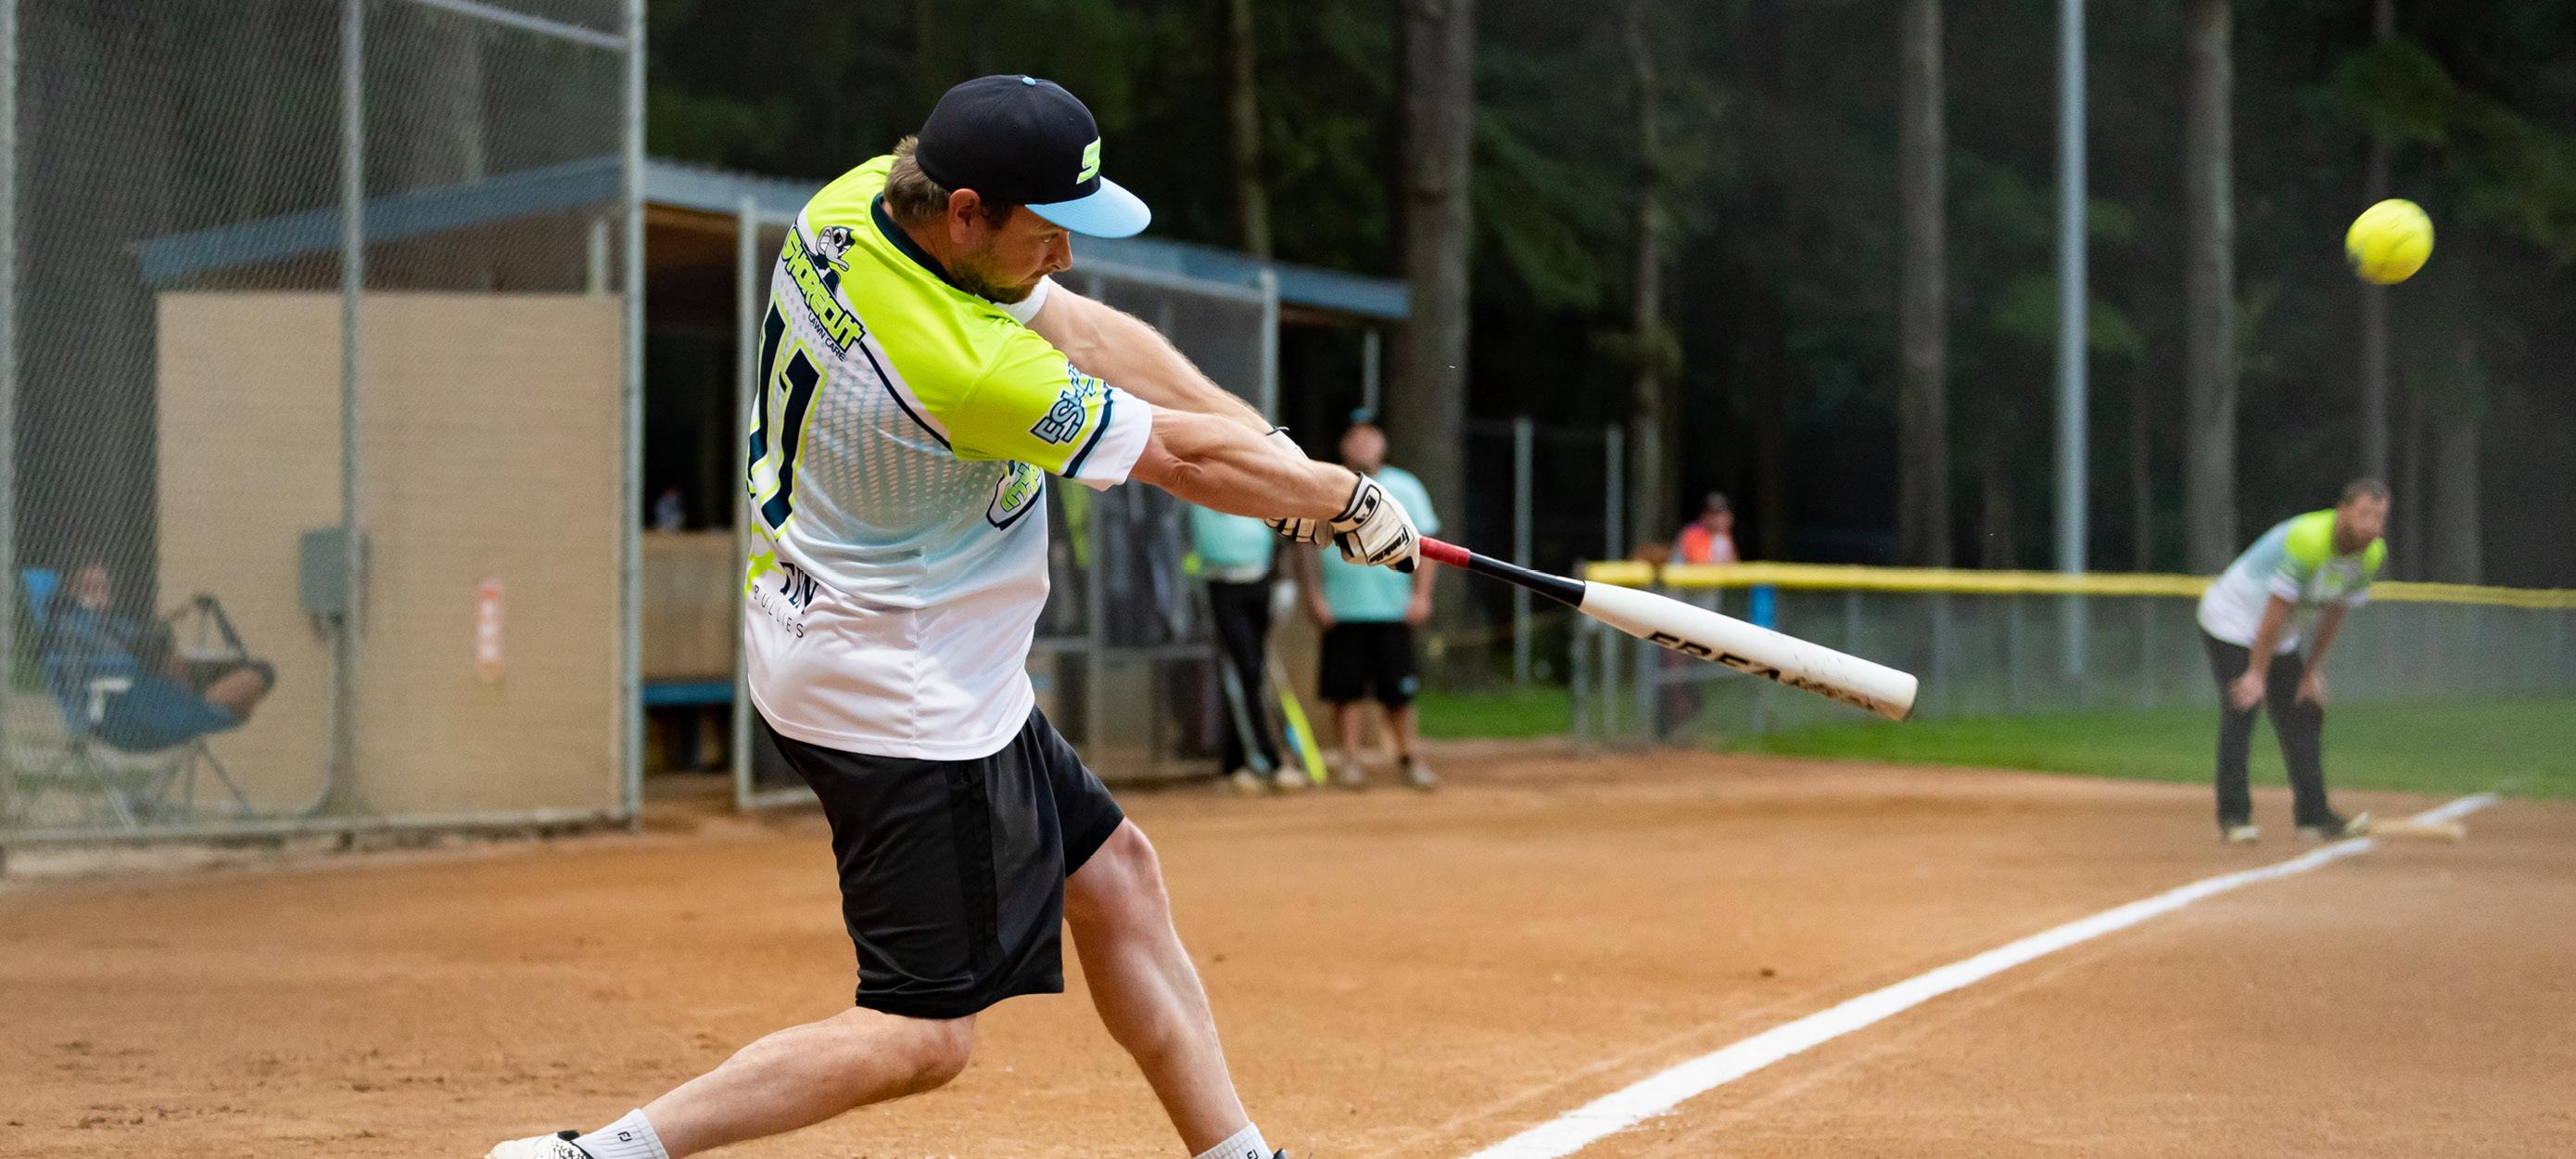 Softball - Men's - Spring